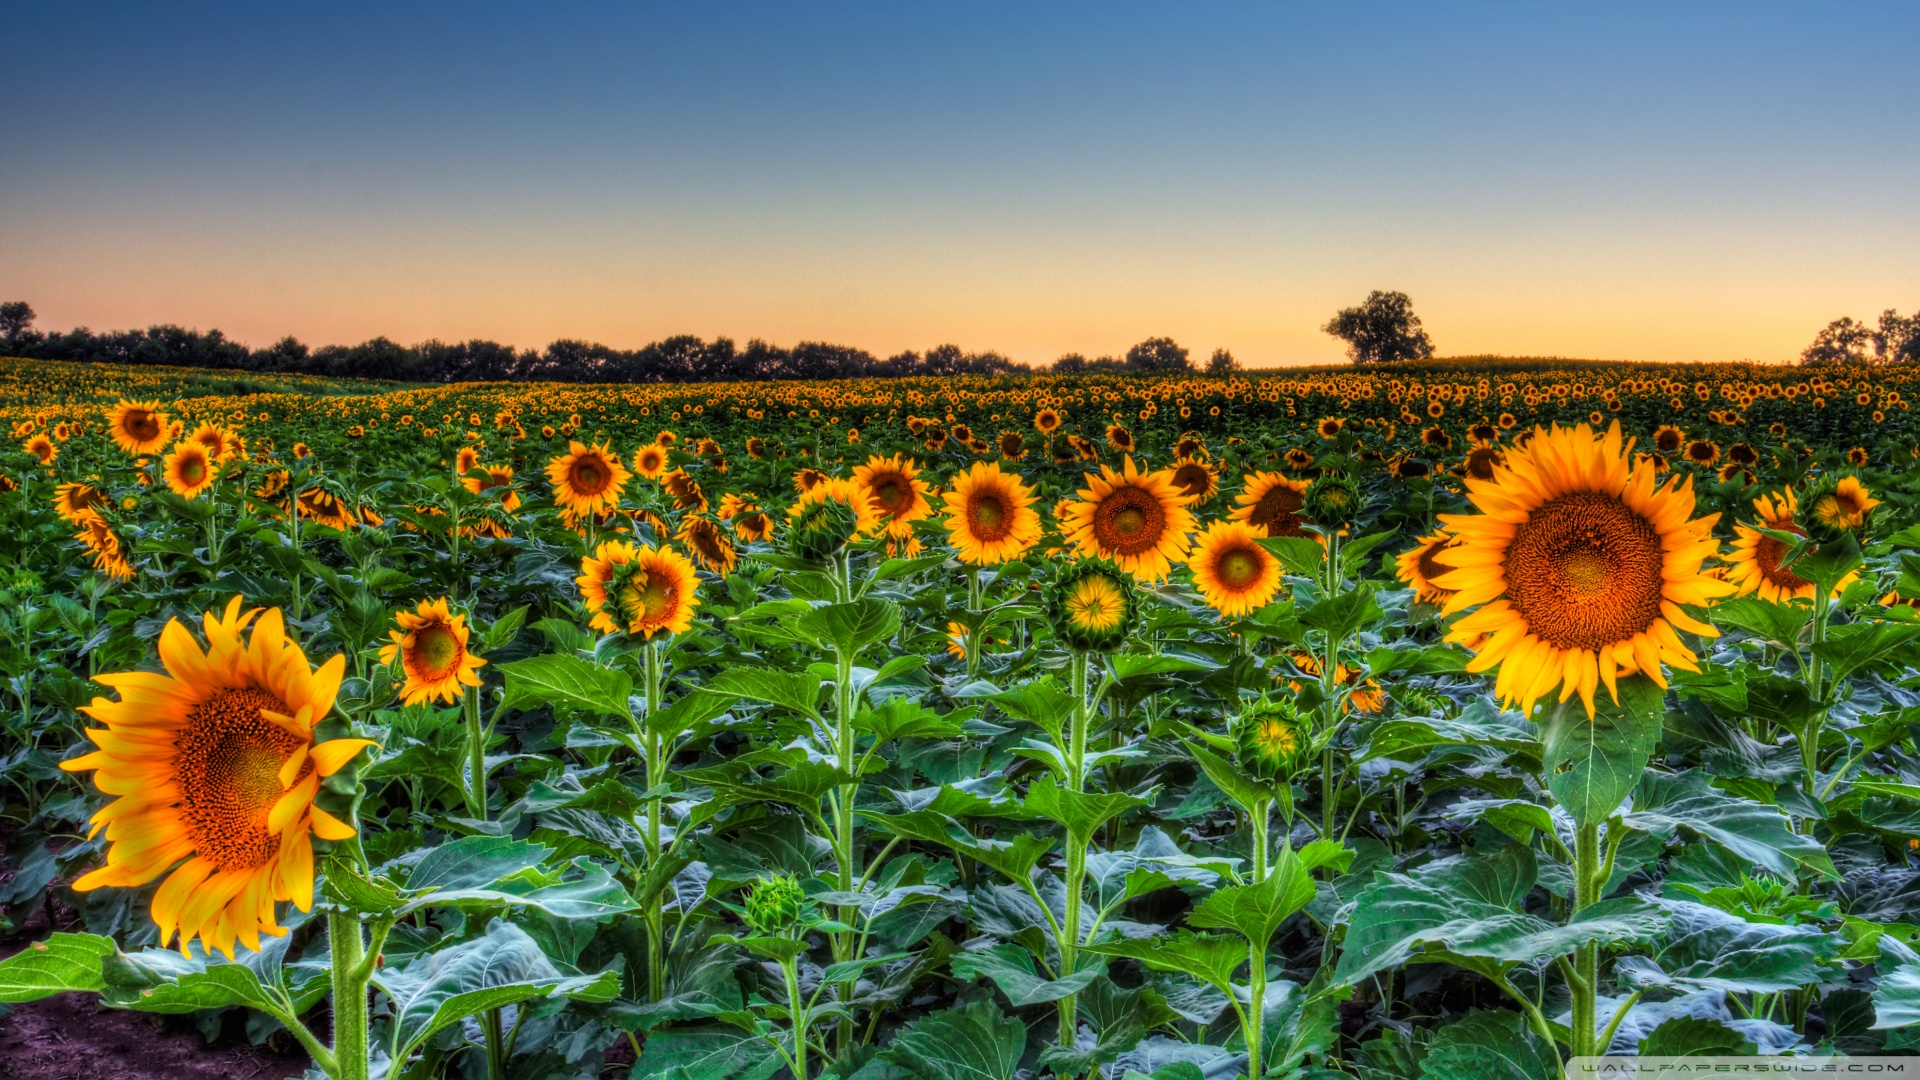 sunflower_field_sunset-wallpaper-1920x1080